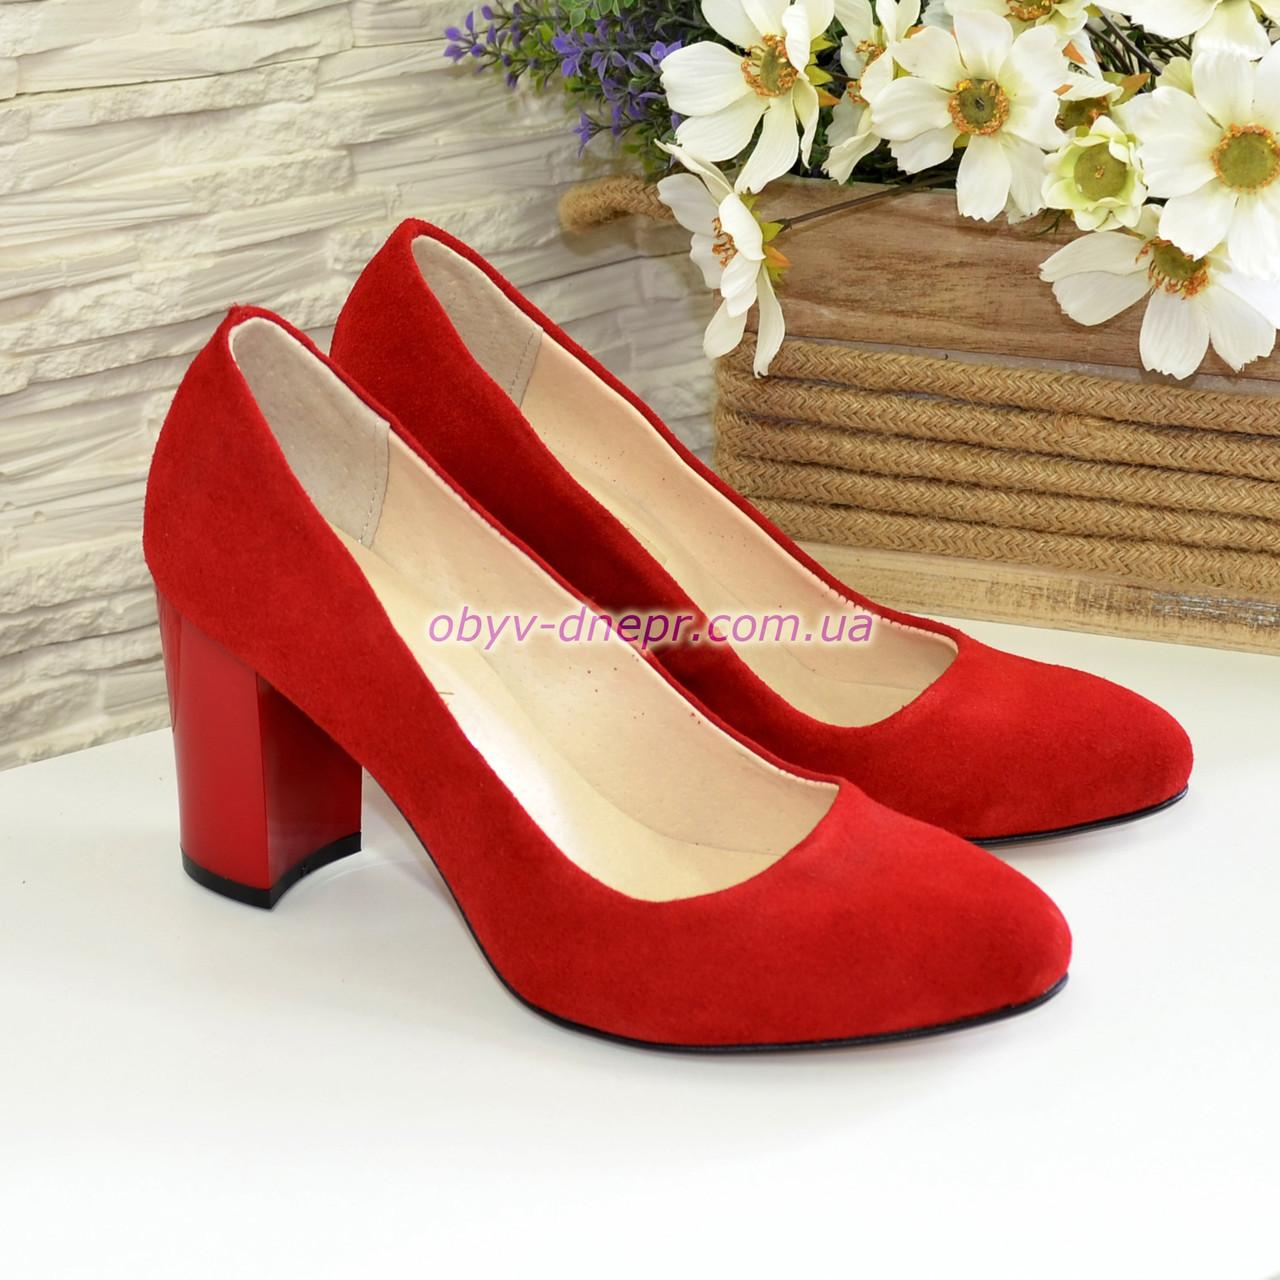 """Женские красные замшевые классические туфли на каблуке. ТМ """"Maestro"""""""